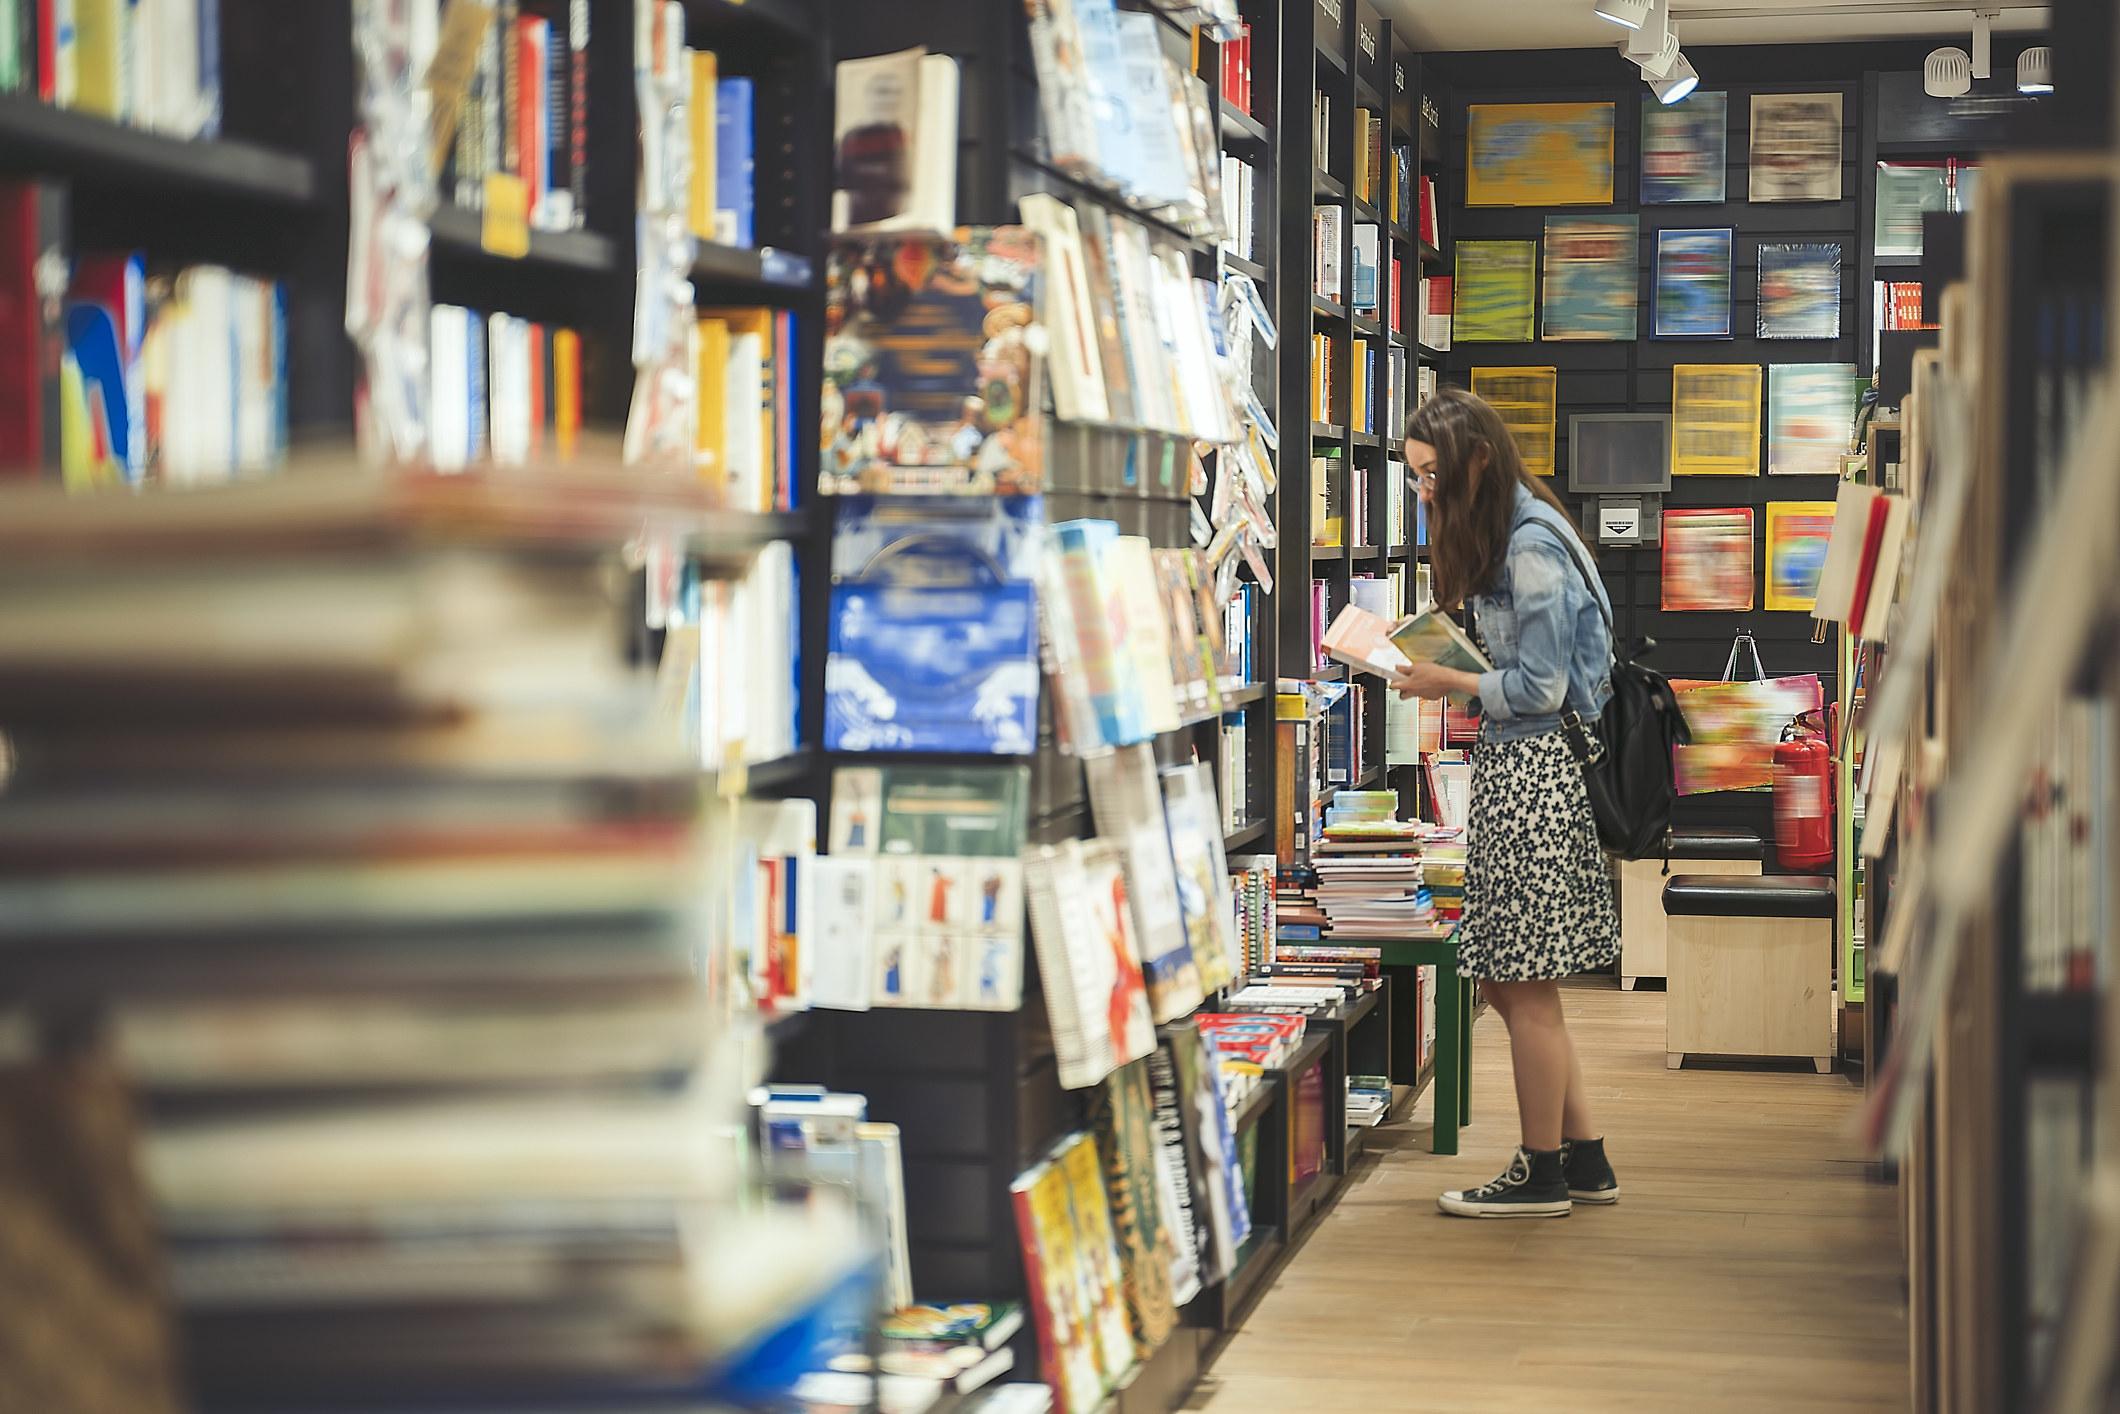 Person in a bookstore